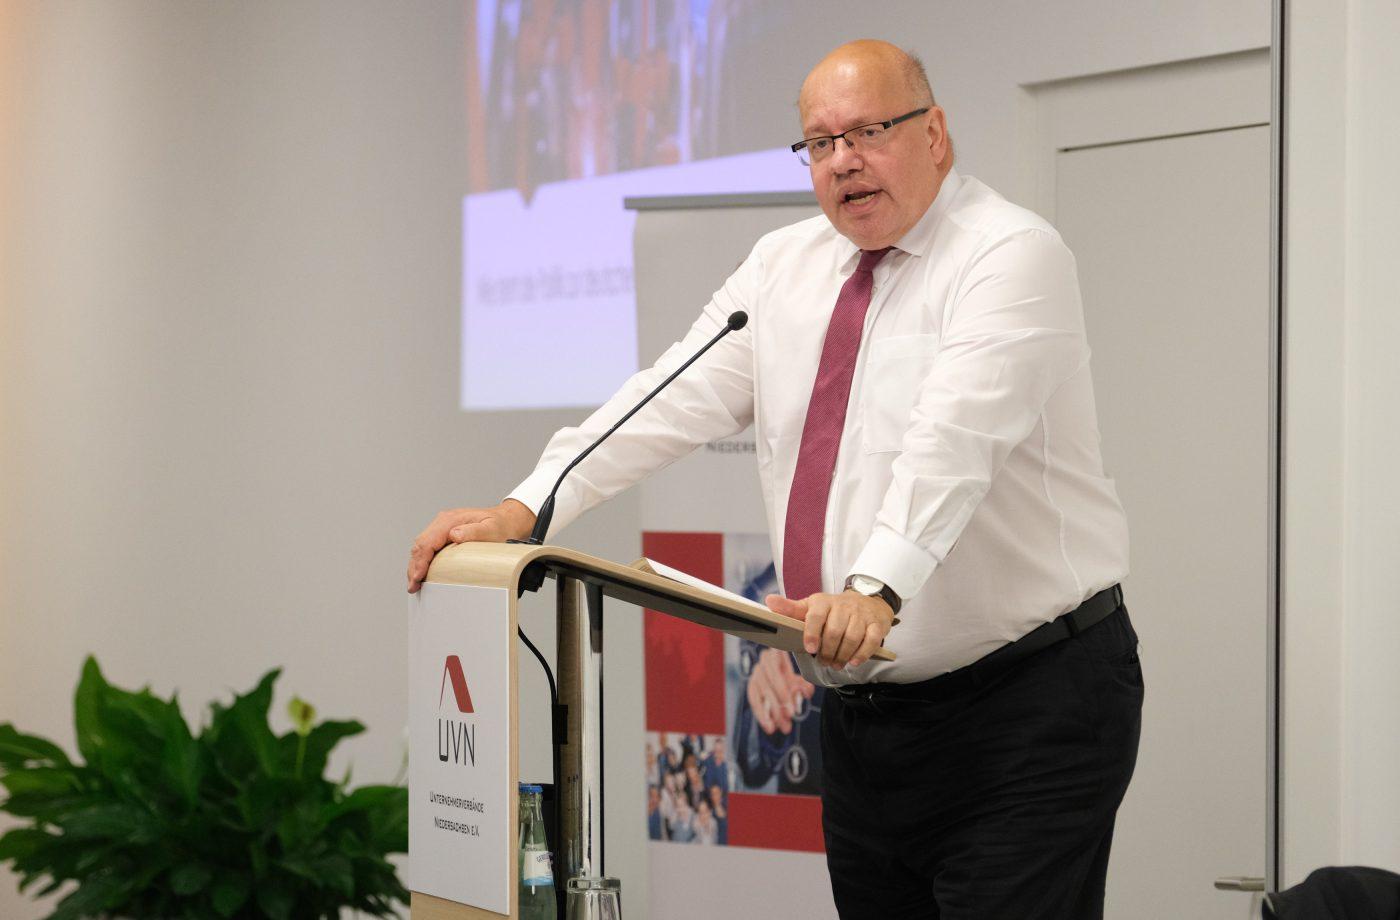 INDUSTRIEFORUM mit Bundeswirtschaftsminister Peter Altmaier - Wie steht die Politik zur deutschen Industrie?